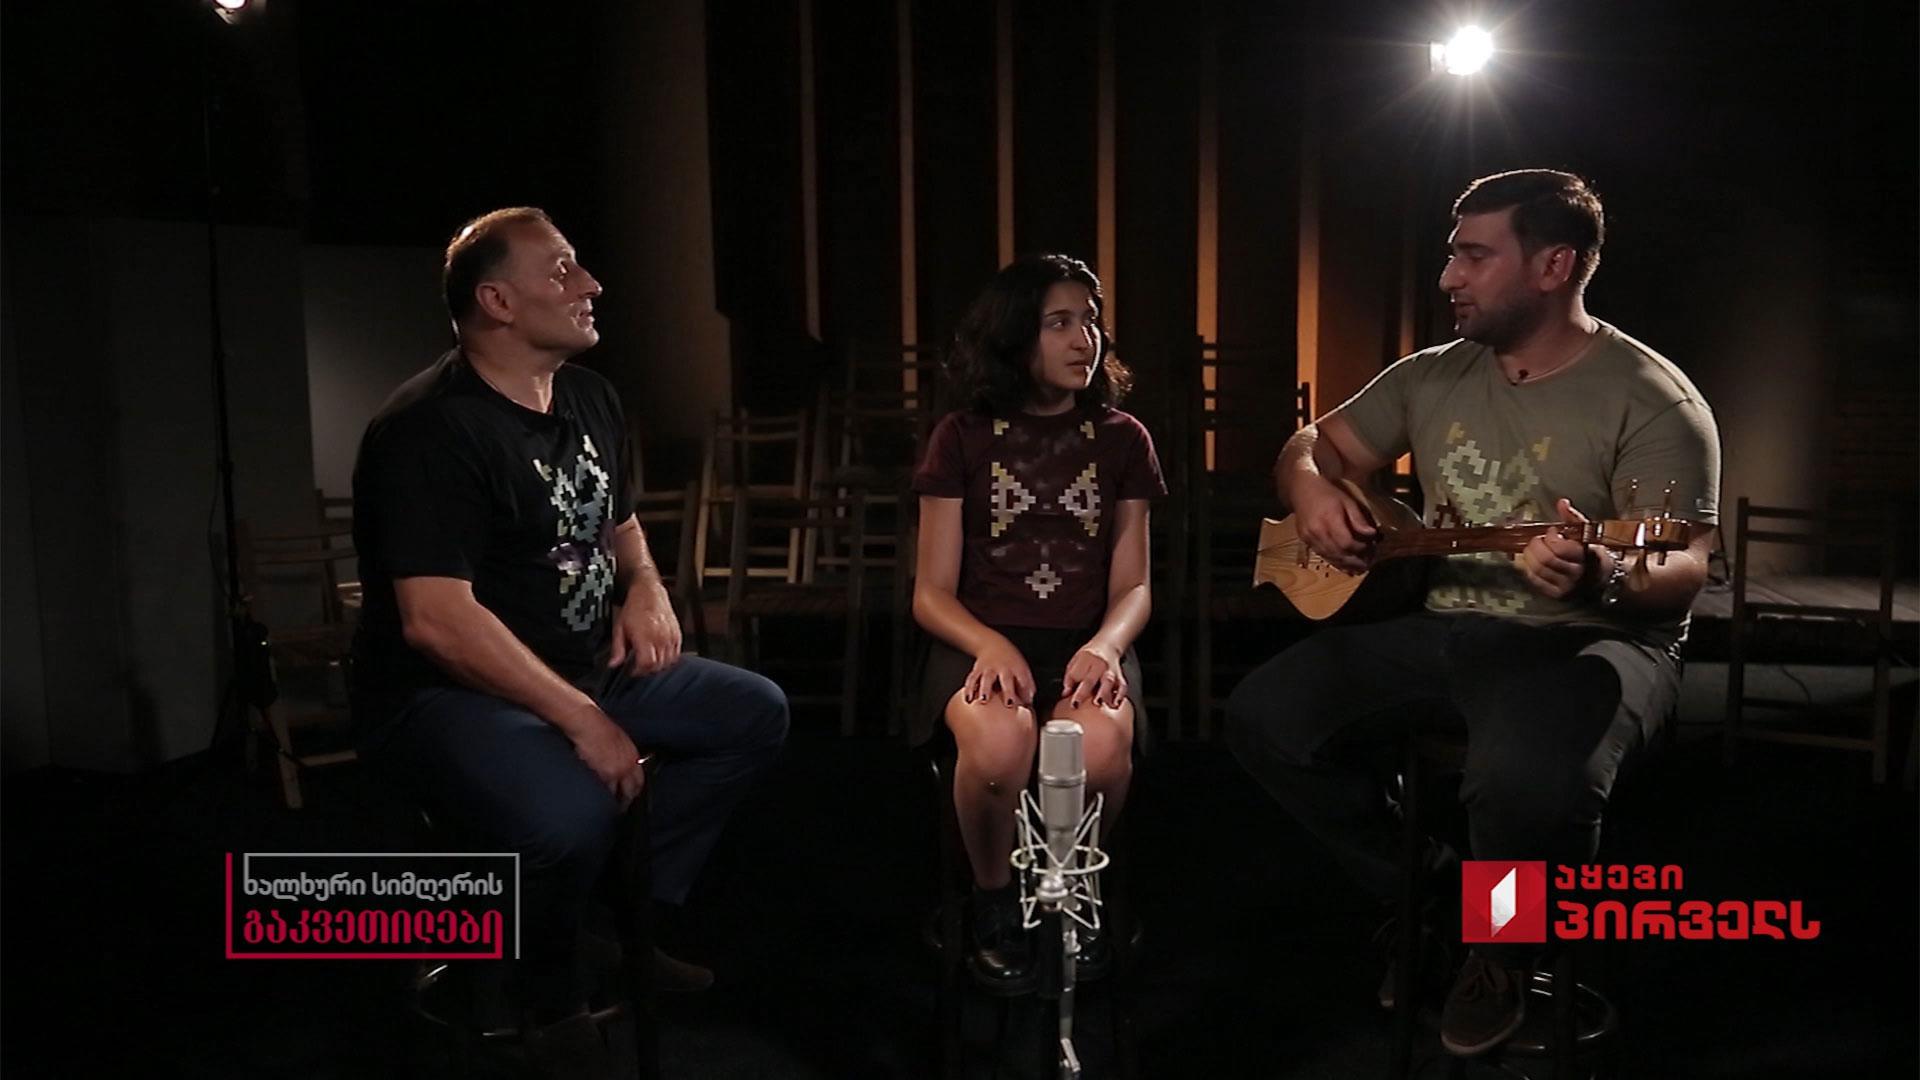 ხალხური სიმღერის გაკვეთილები - თურქიების მომღერალი ოჯახი - დილა